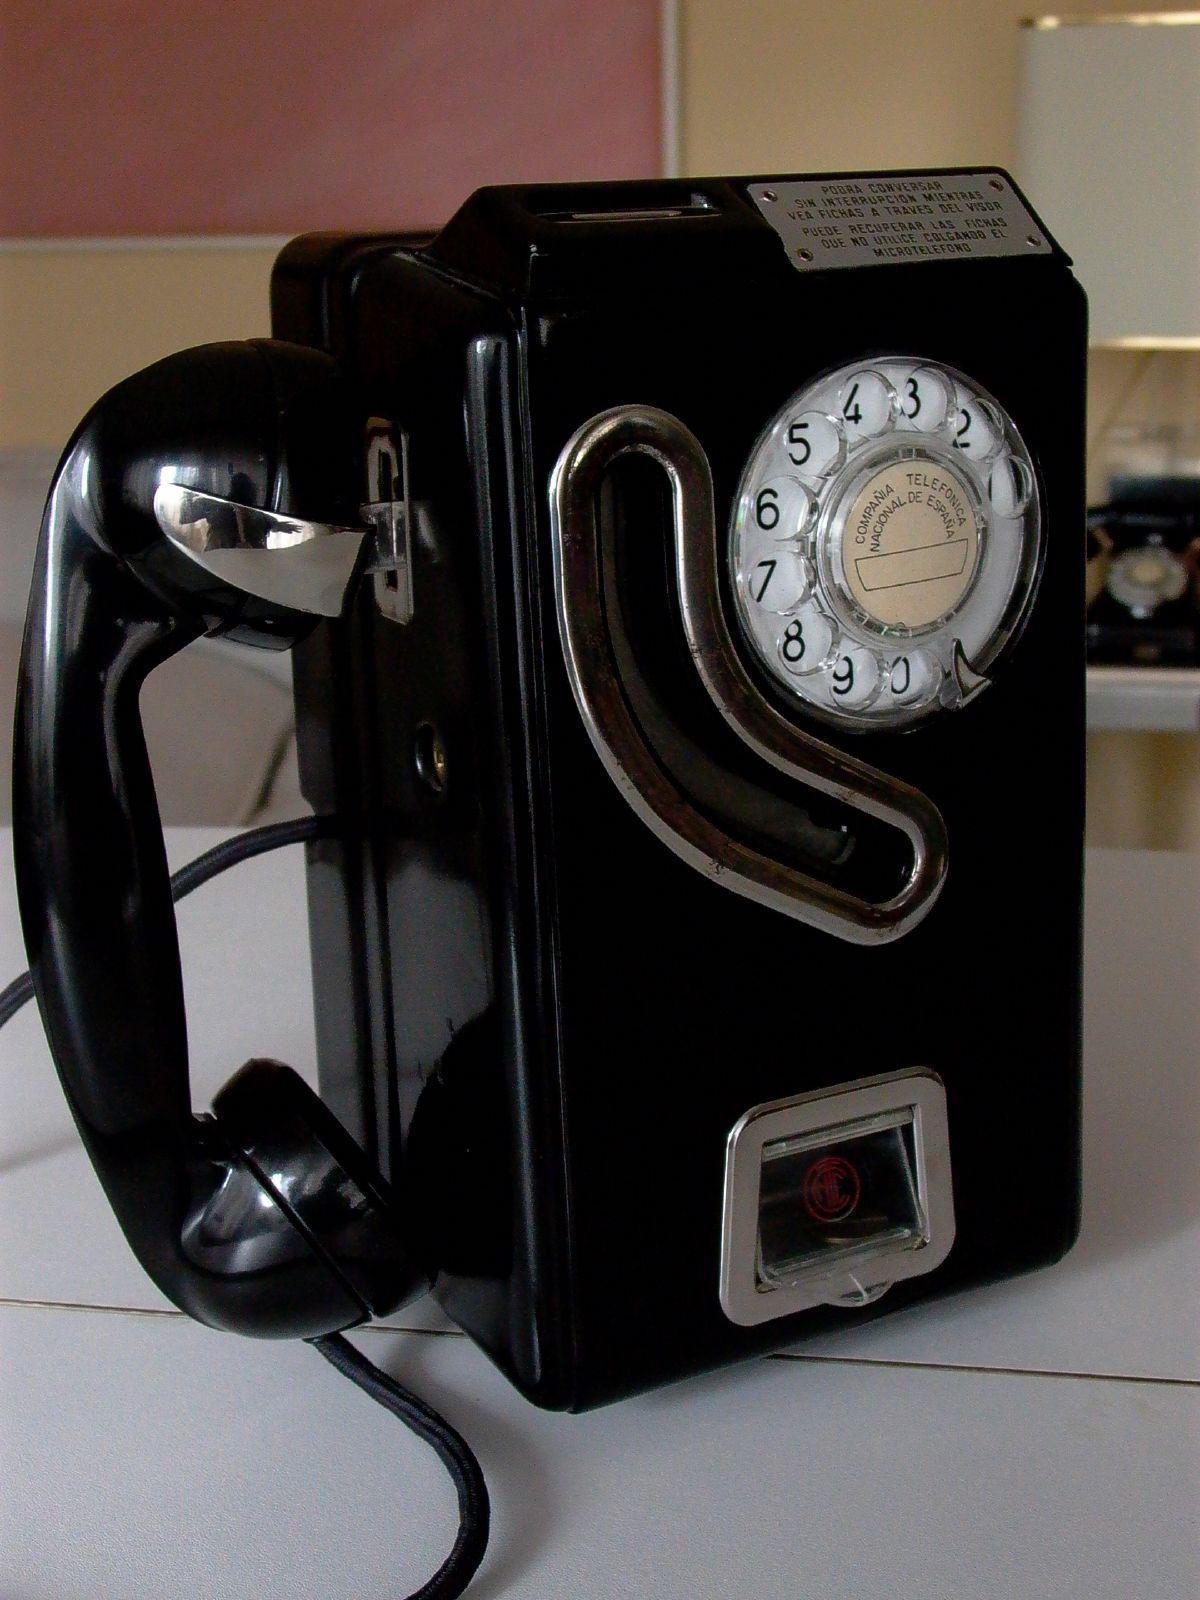 Tel fono wikipedia la enciclopedia libre for La oficina telefono